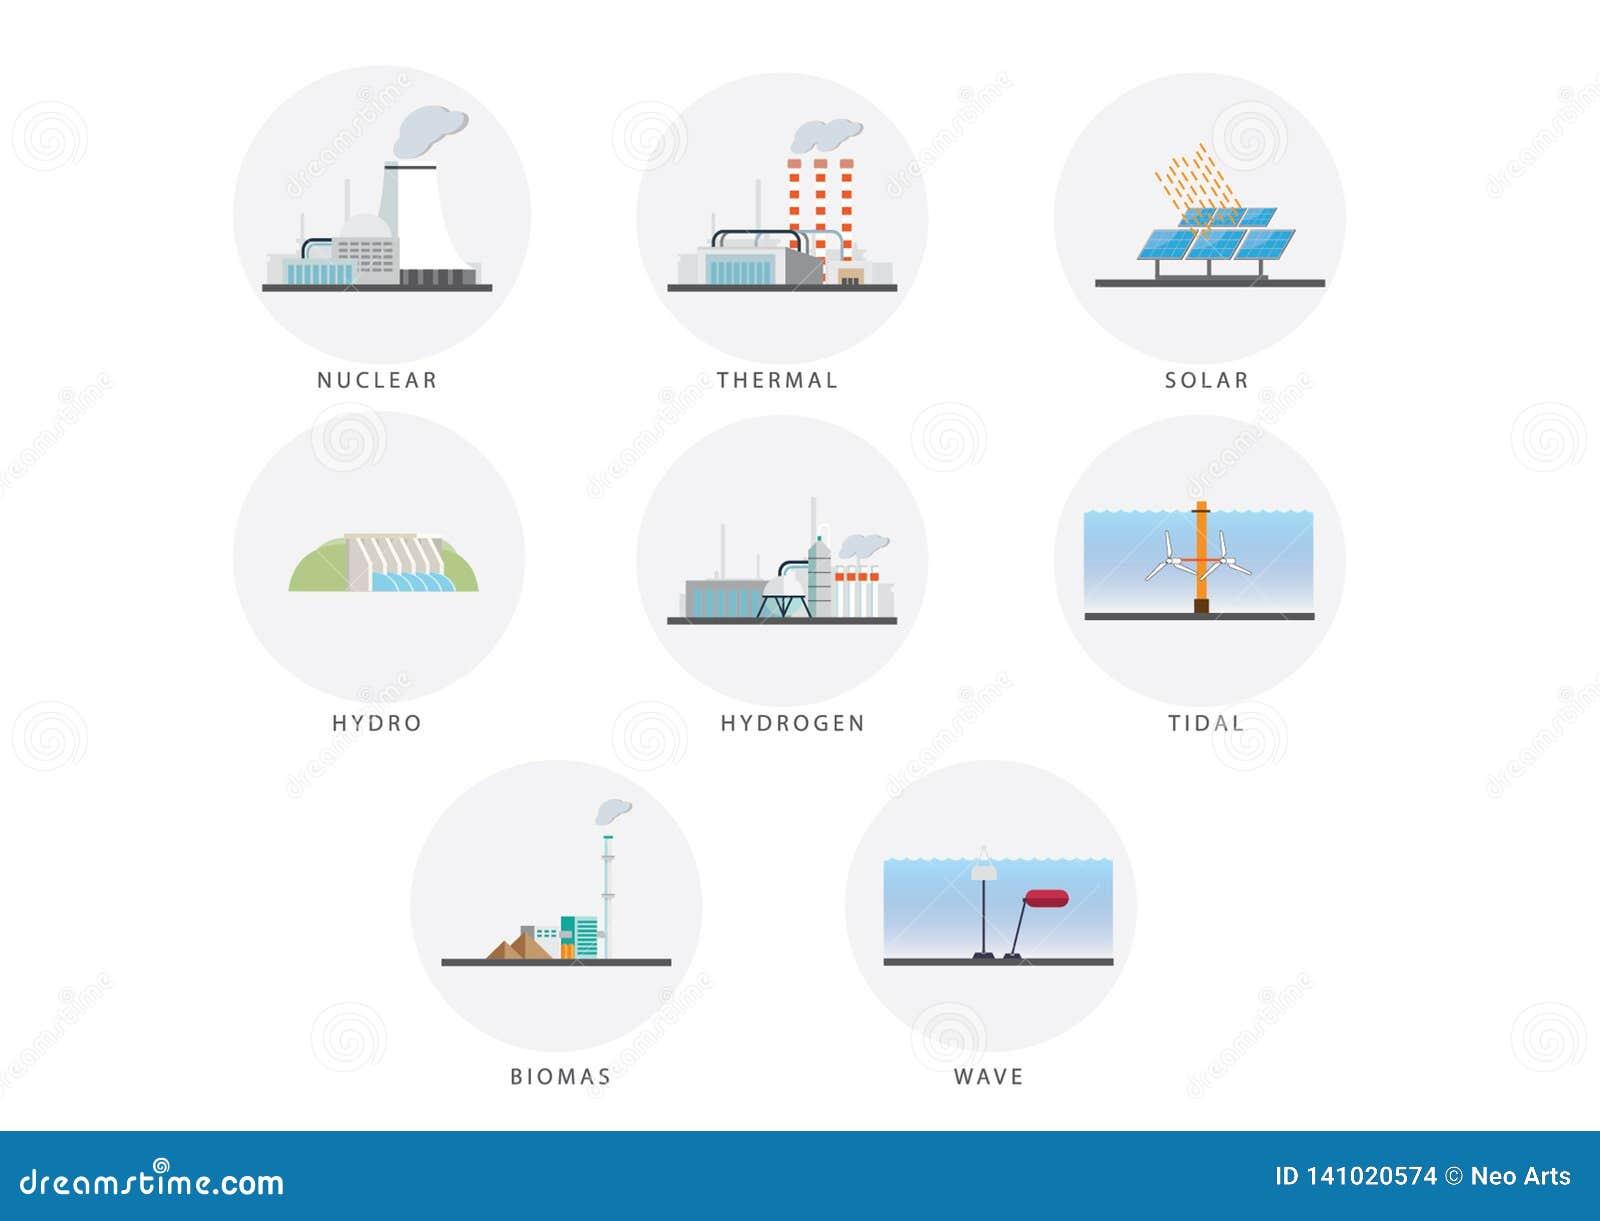 Vektorillustration von Kraftwerken